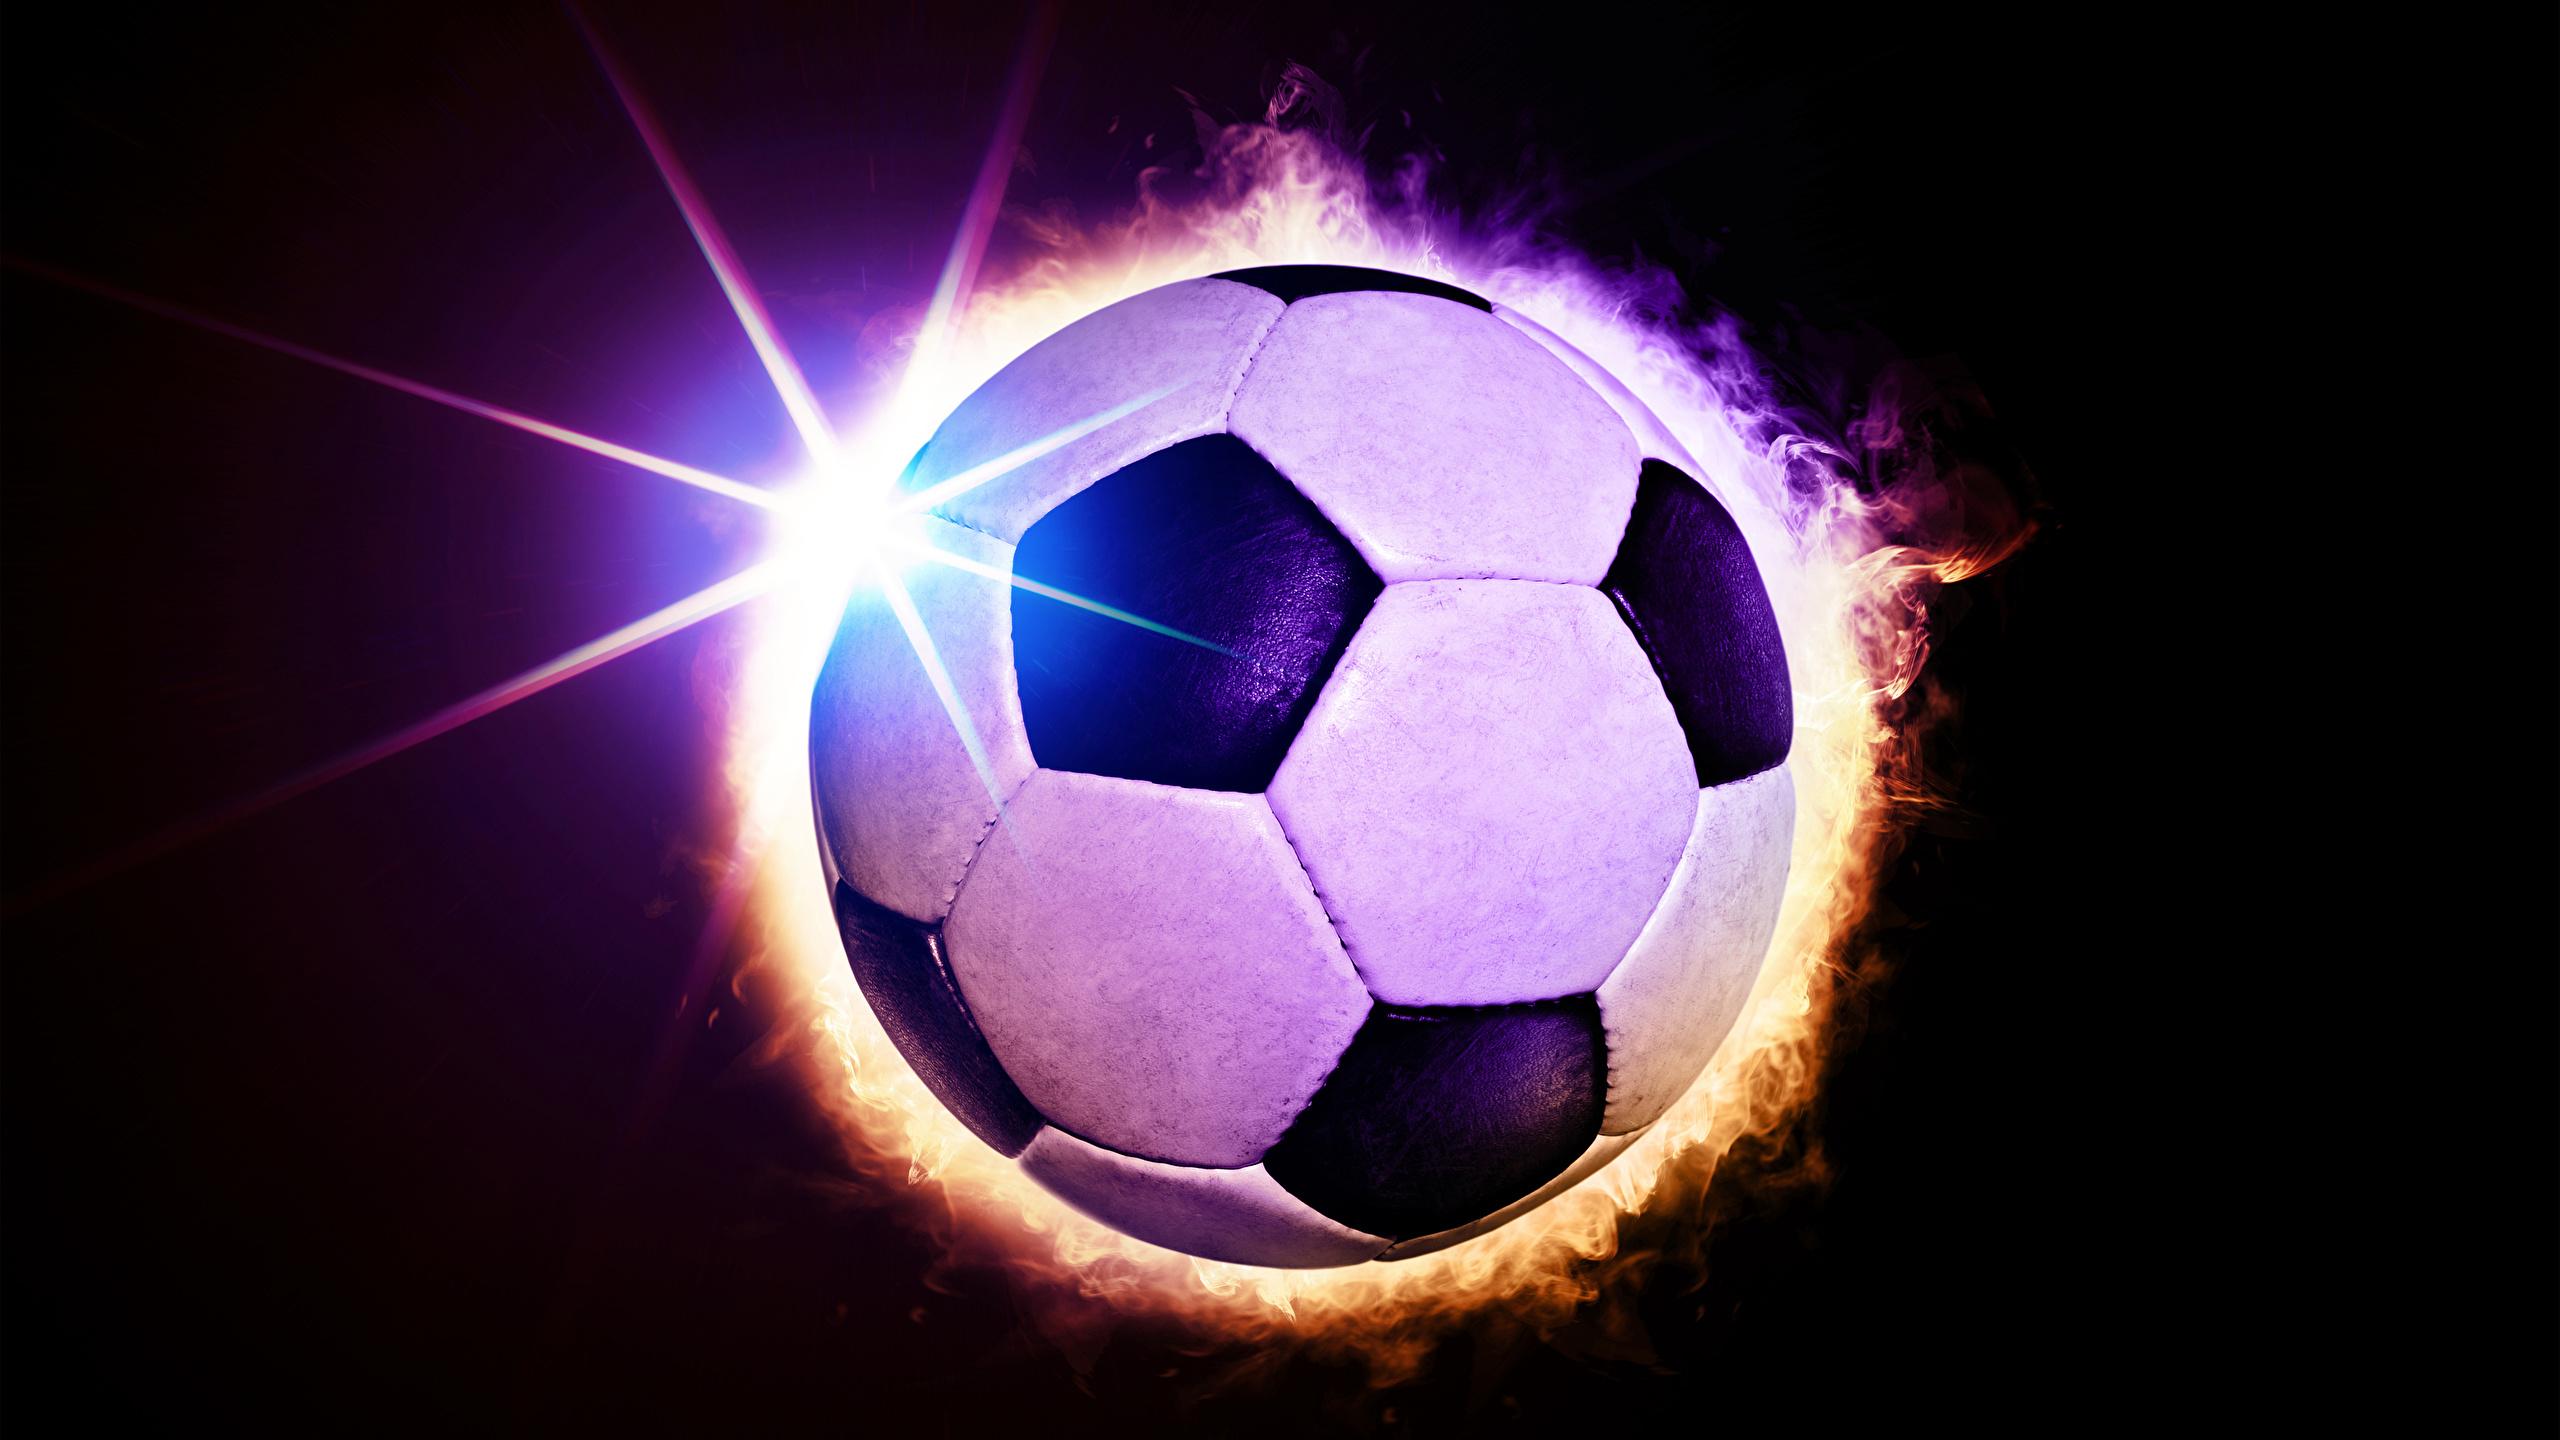 Фотографии Лучи света Футбол спортивный Мяч Черный фон 2560x1440 Спорт спортивная спортивные Мячик на черном фоне